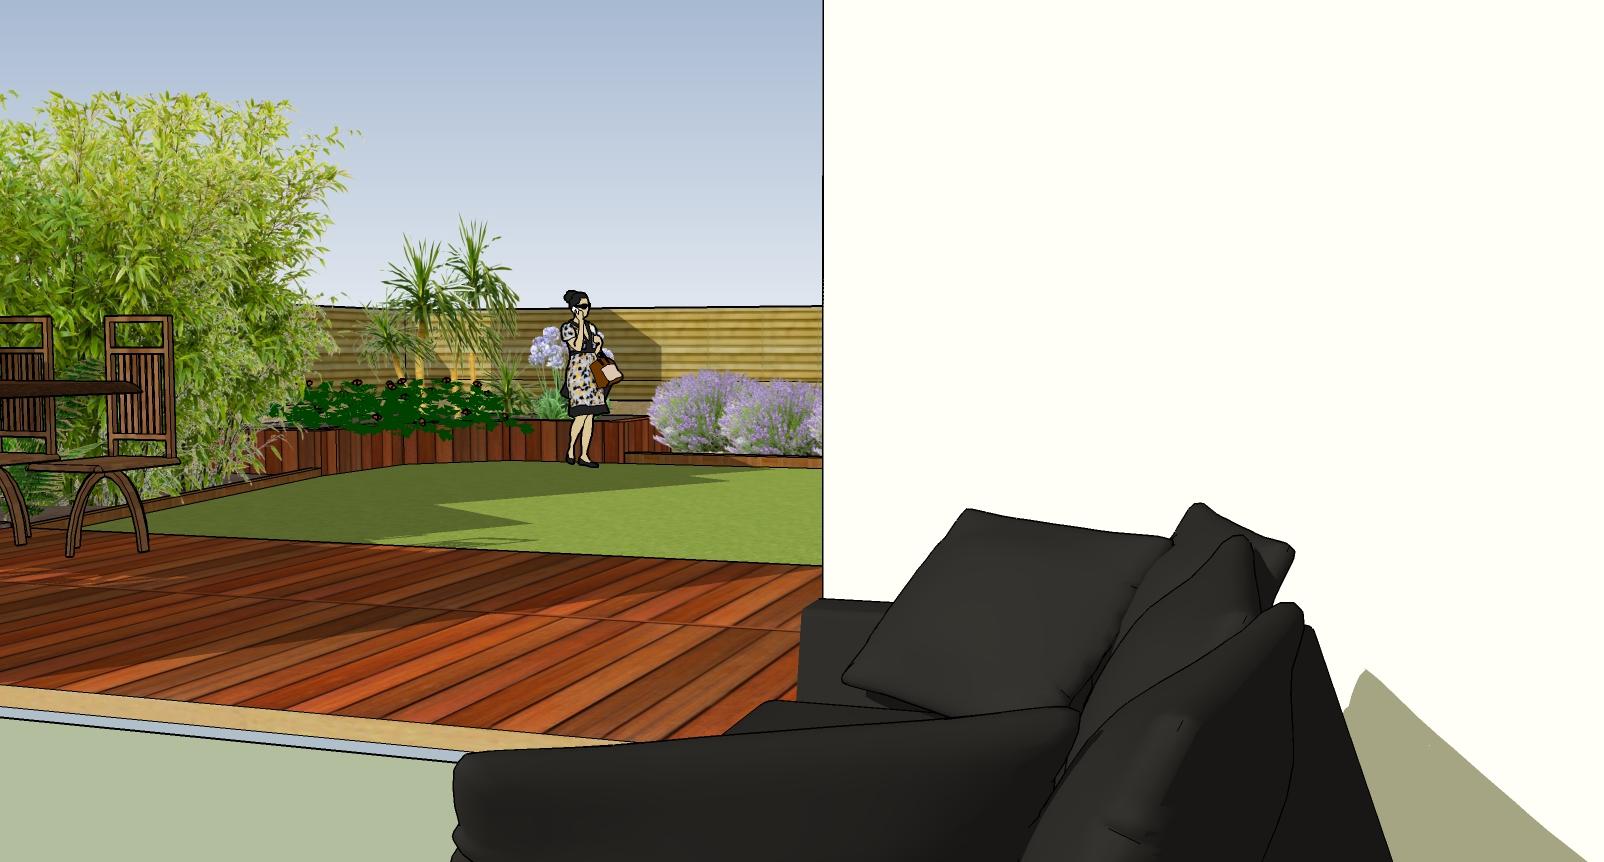 Nouveau back yard3 plan jardin 3d for Jardin 3d en ligne